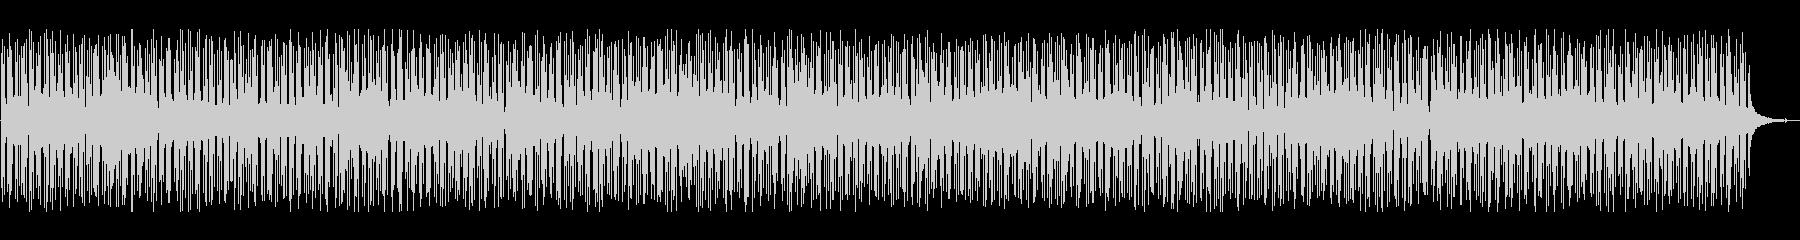 スローなチルアウト系R&Bなエレピの未再生の波形